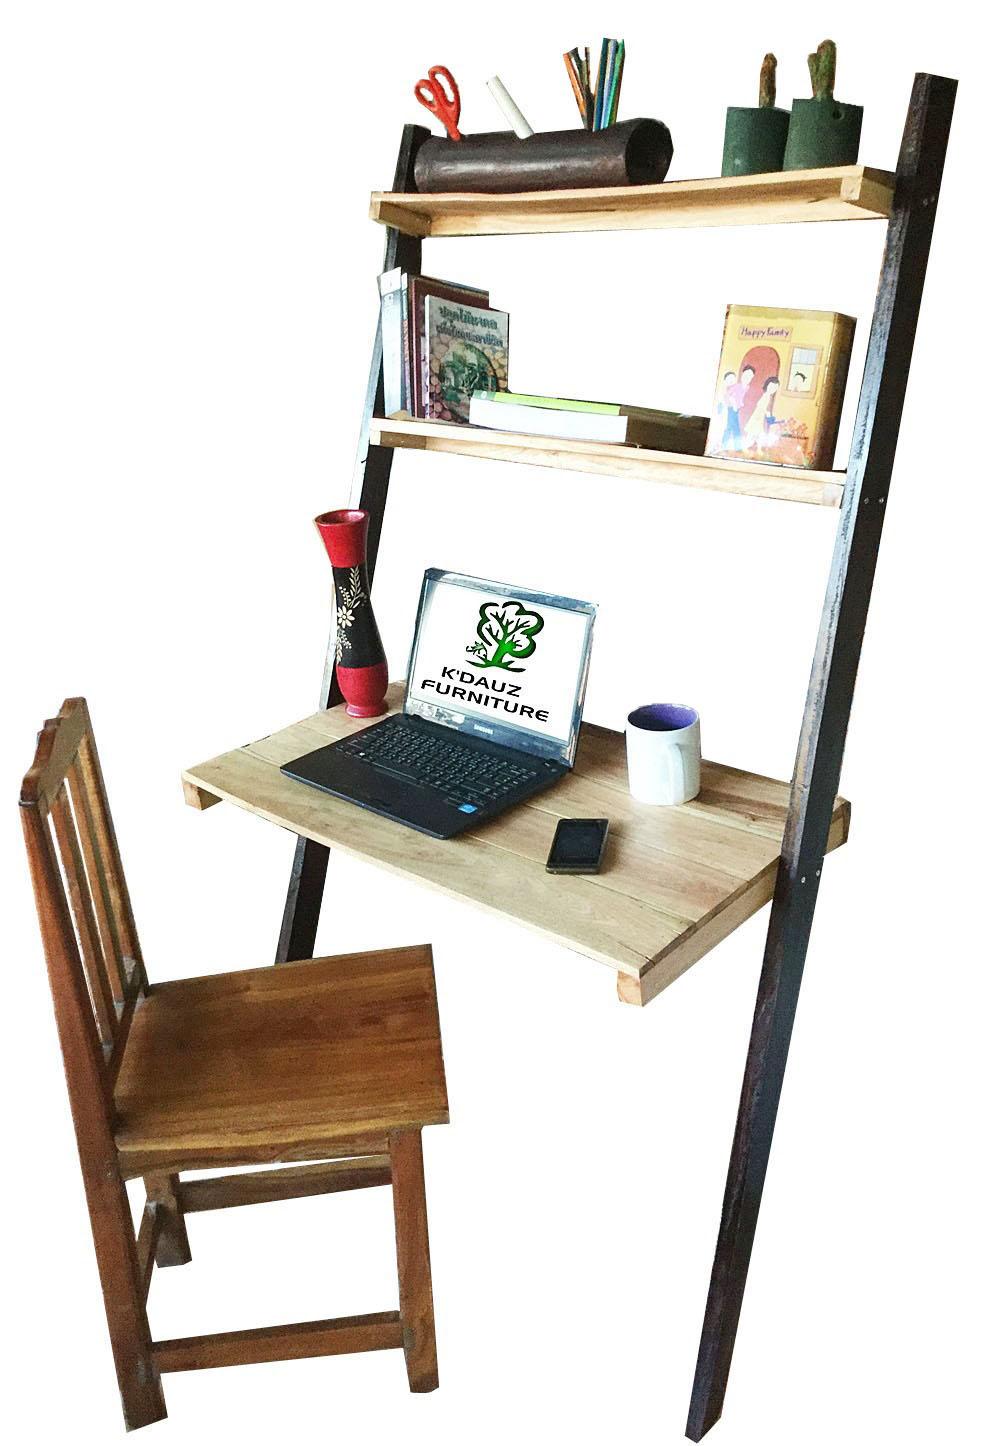 โต๊ะคอมพิวเตอร์ และชั้นวางของ แบบบันไดผิงฝาผนัง งานไม้จริง